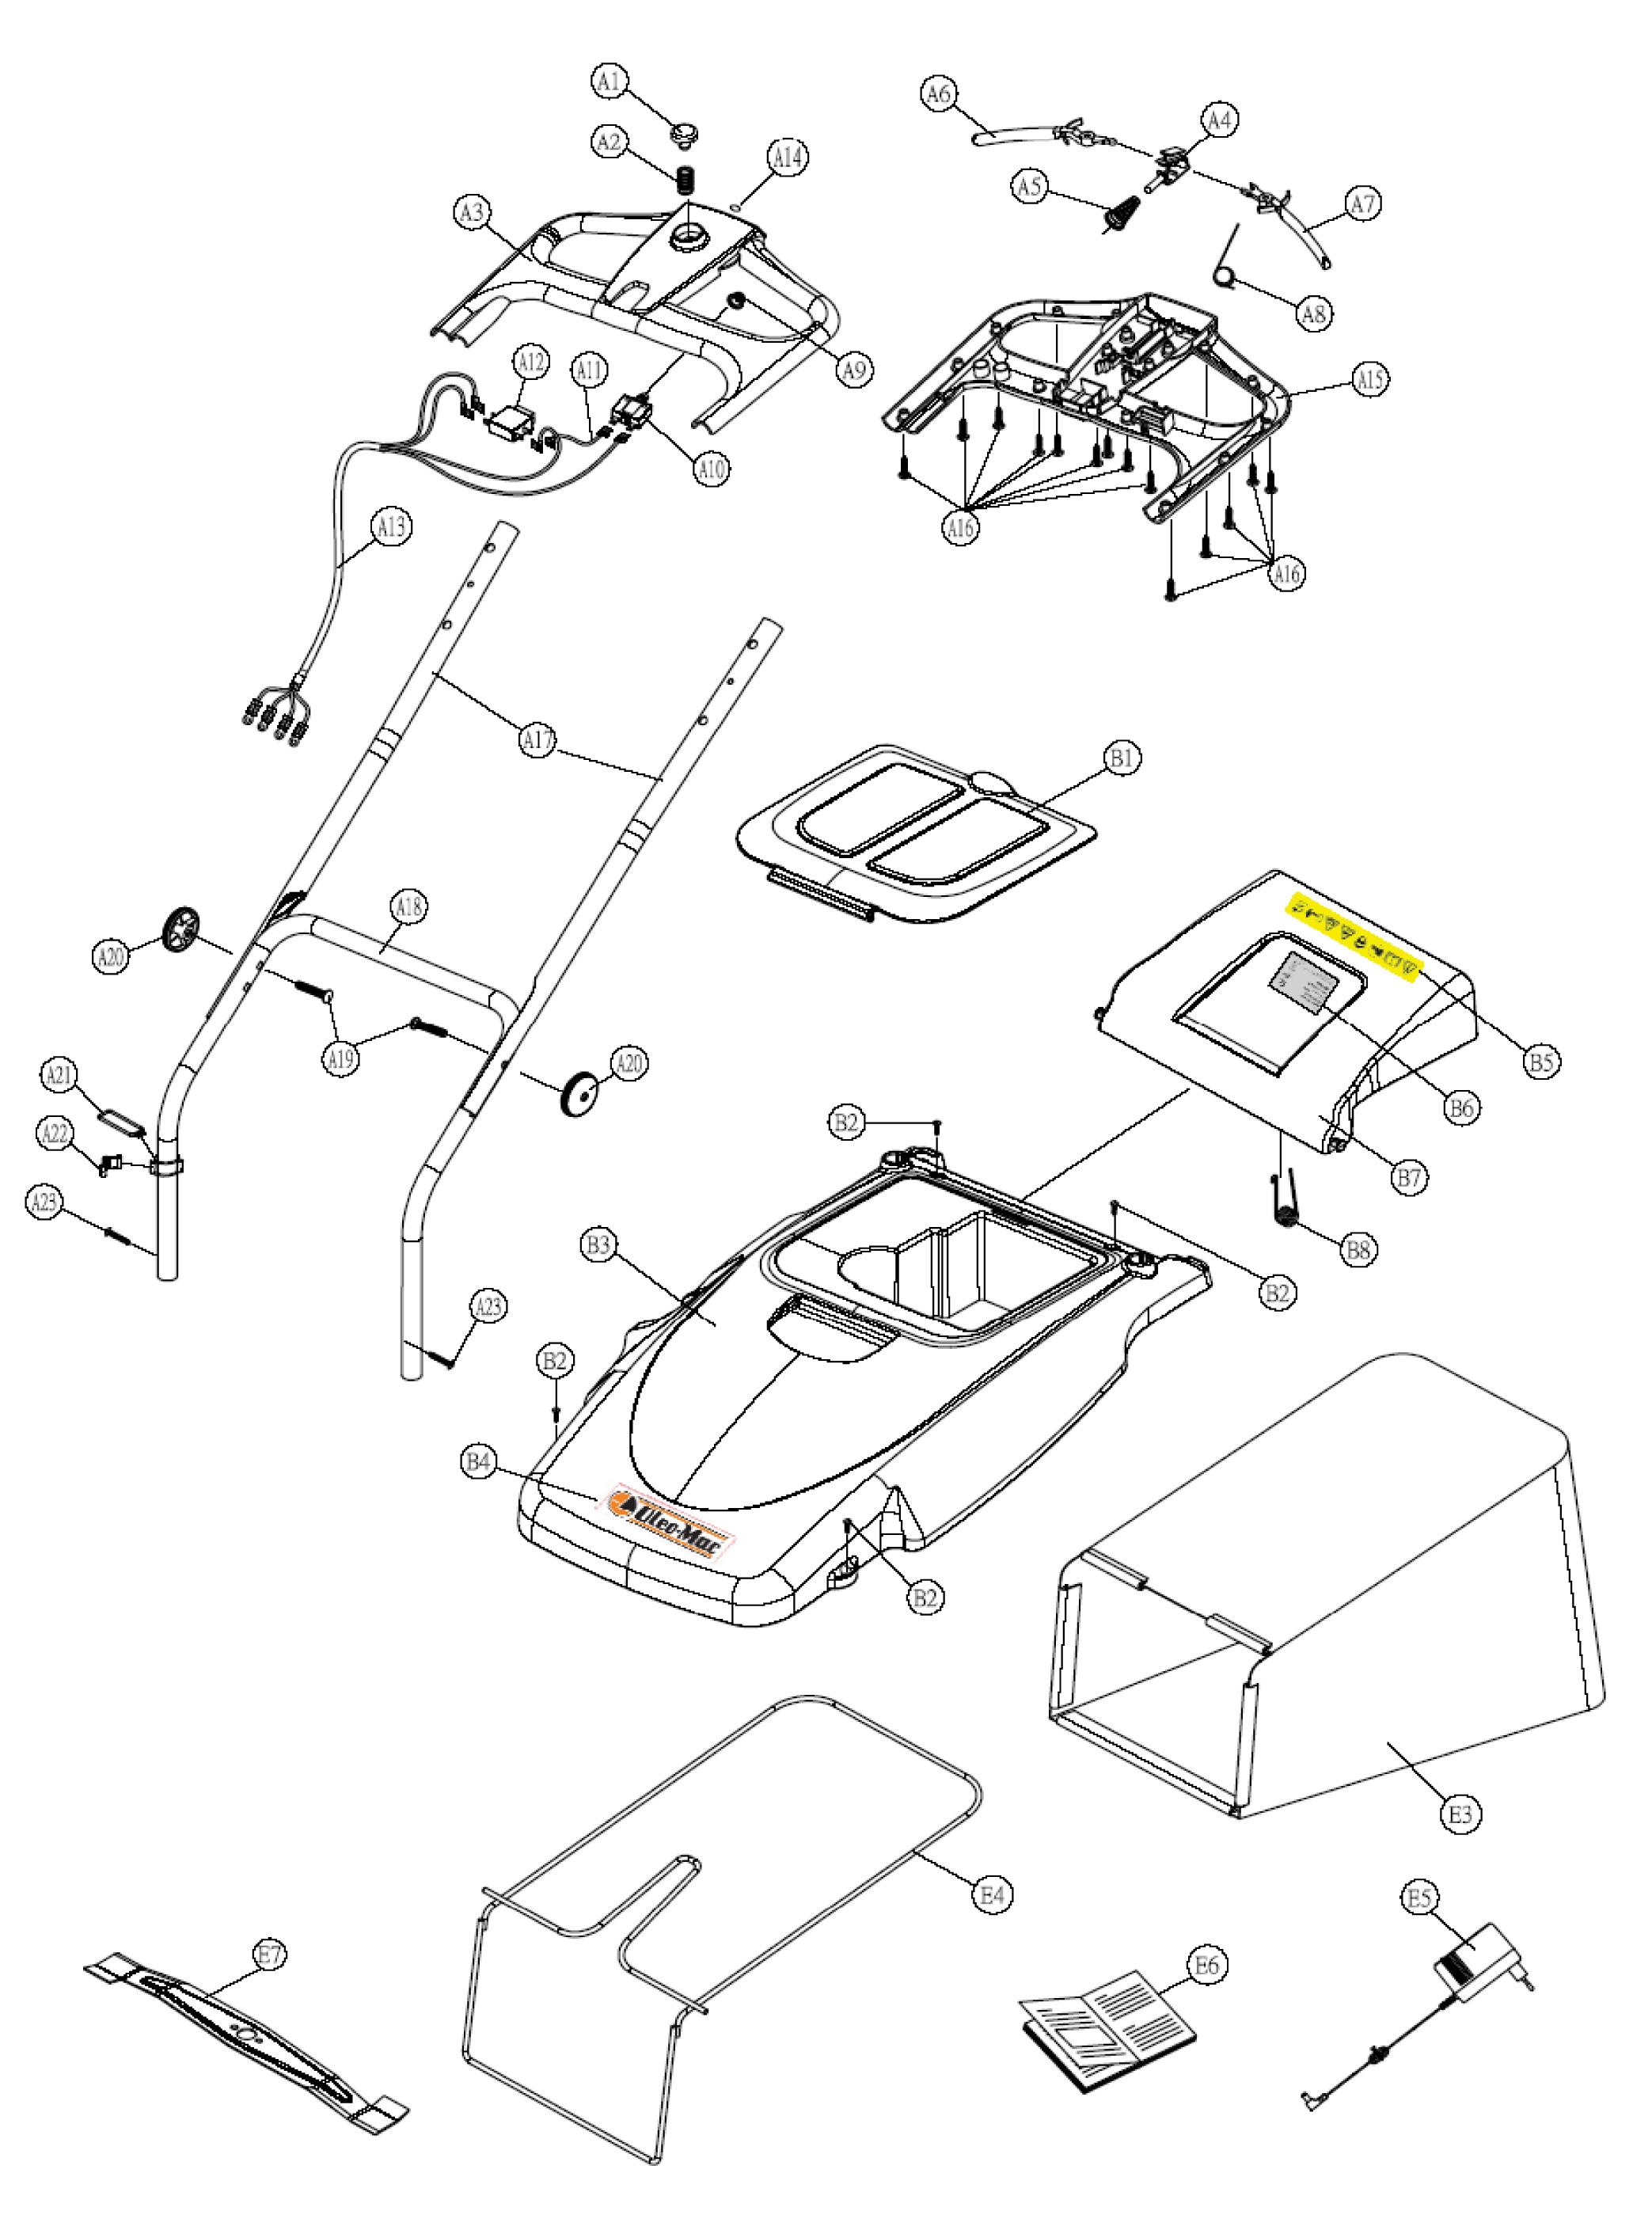 OM 461 Tondeuse à batterie OLEOMAC vue éclatée Dessins pièces -  Guidon